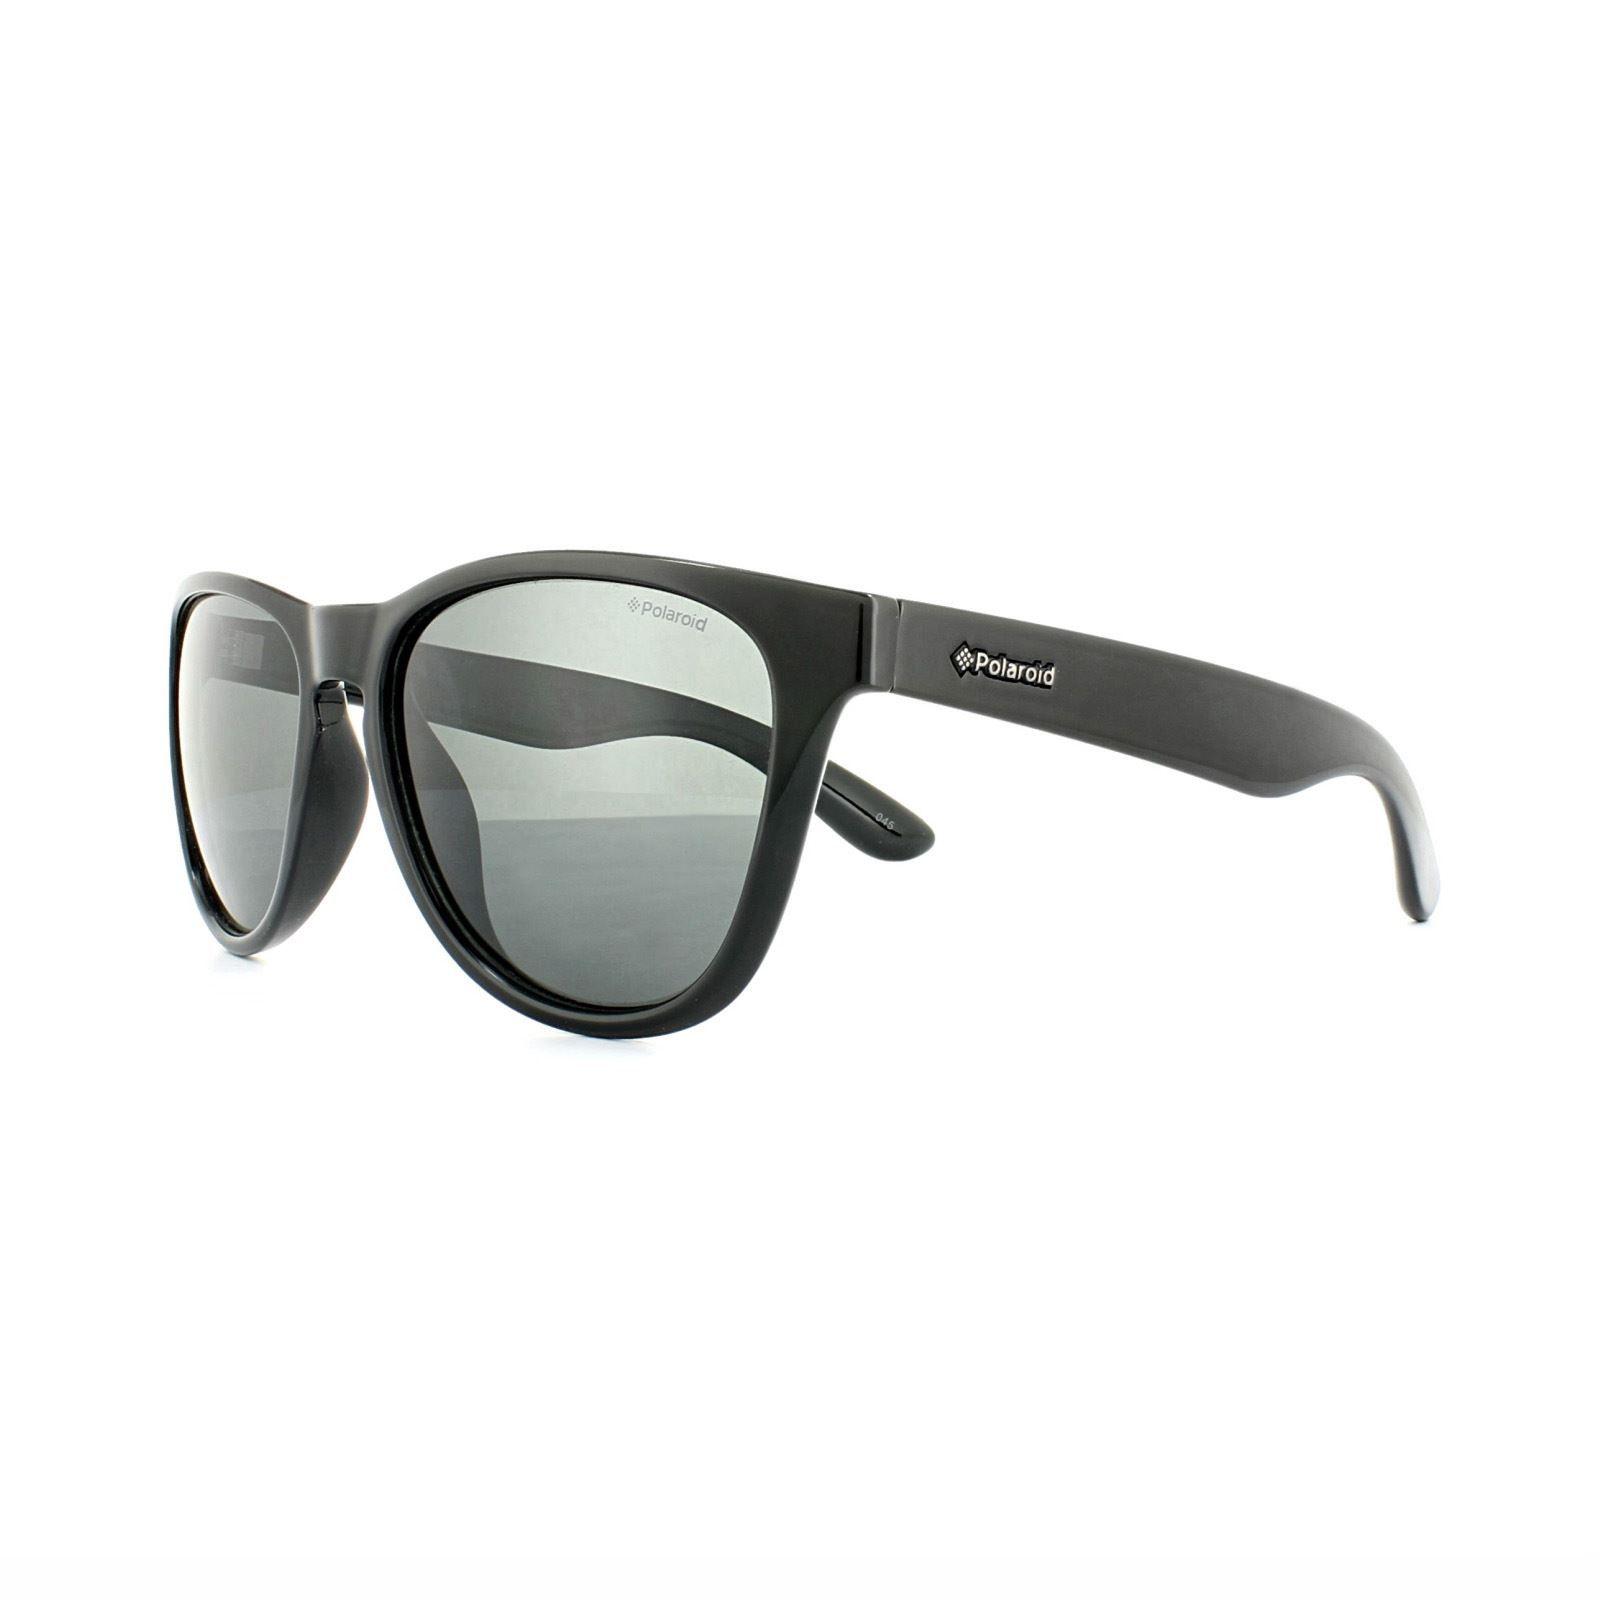 Polaroid Sunglasses PLD 1007/S D28 Y2 Shiny Black Grey Polarized